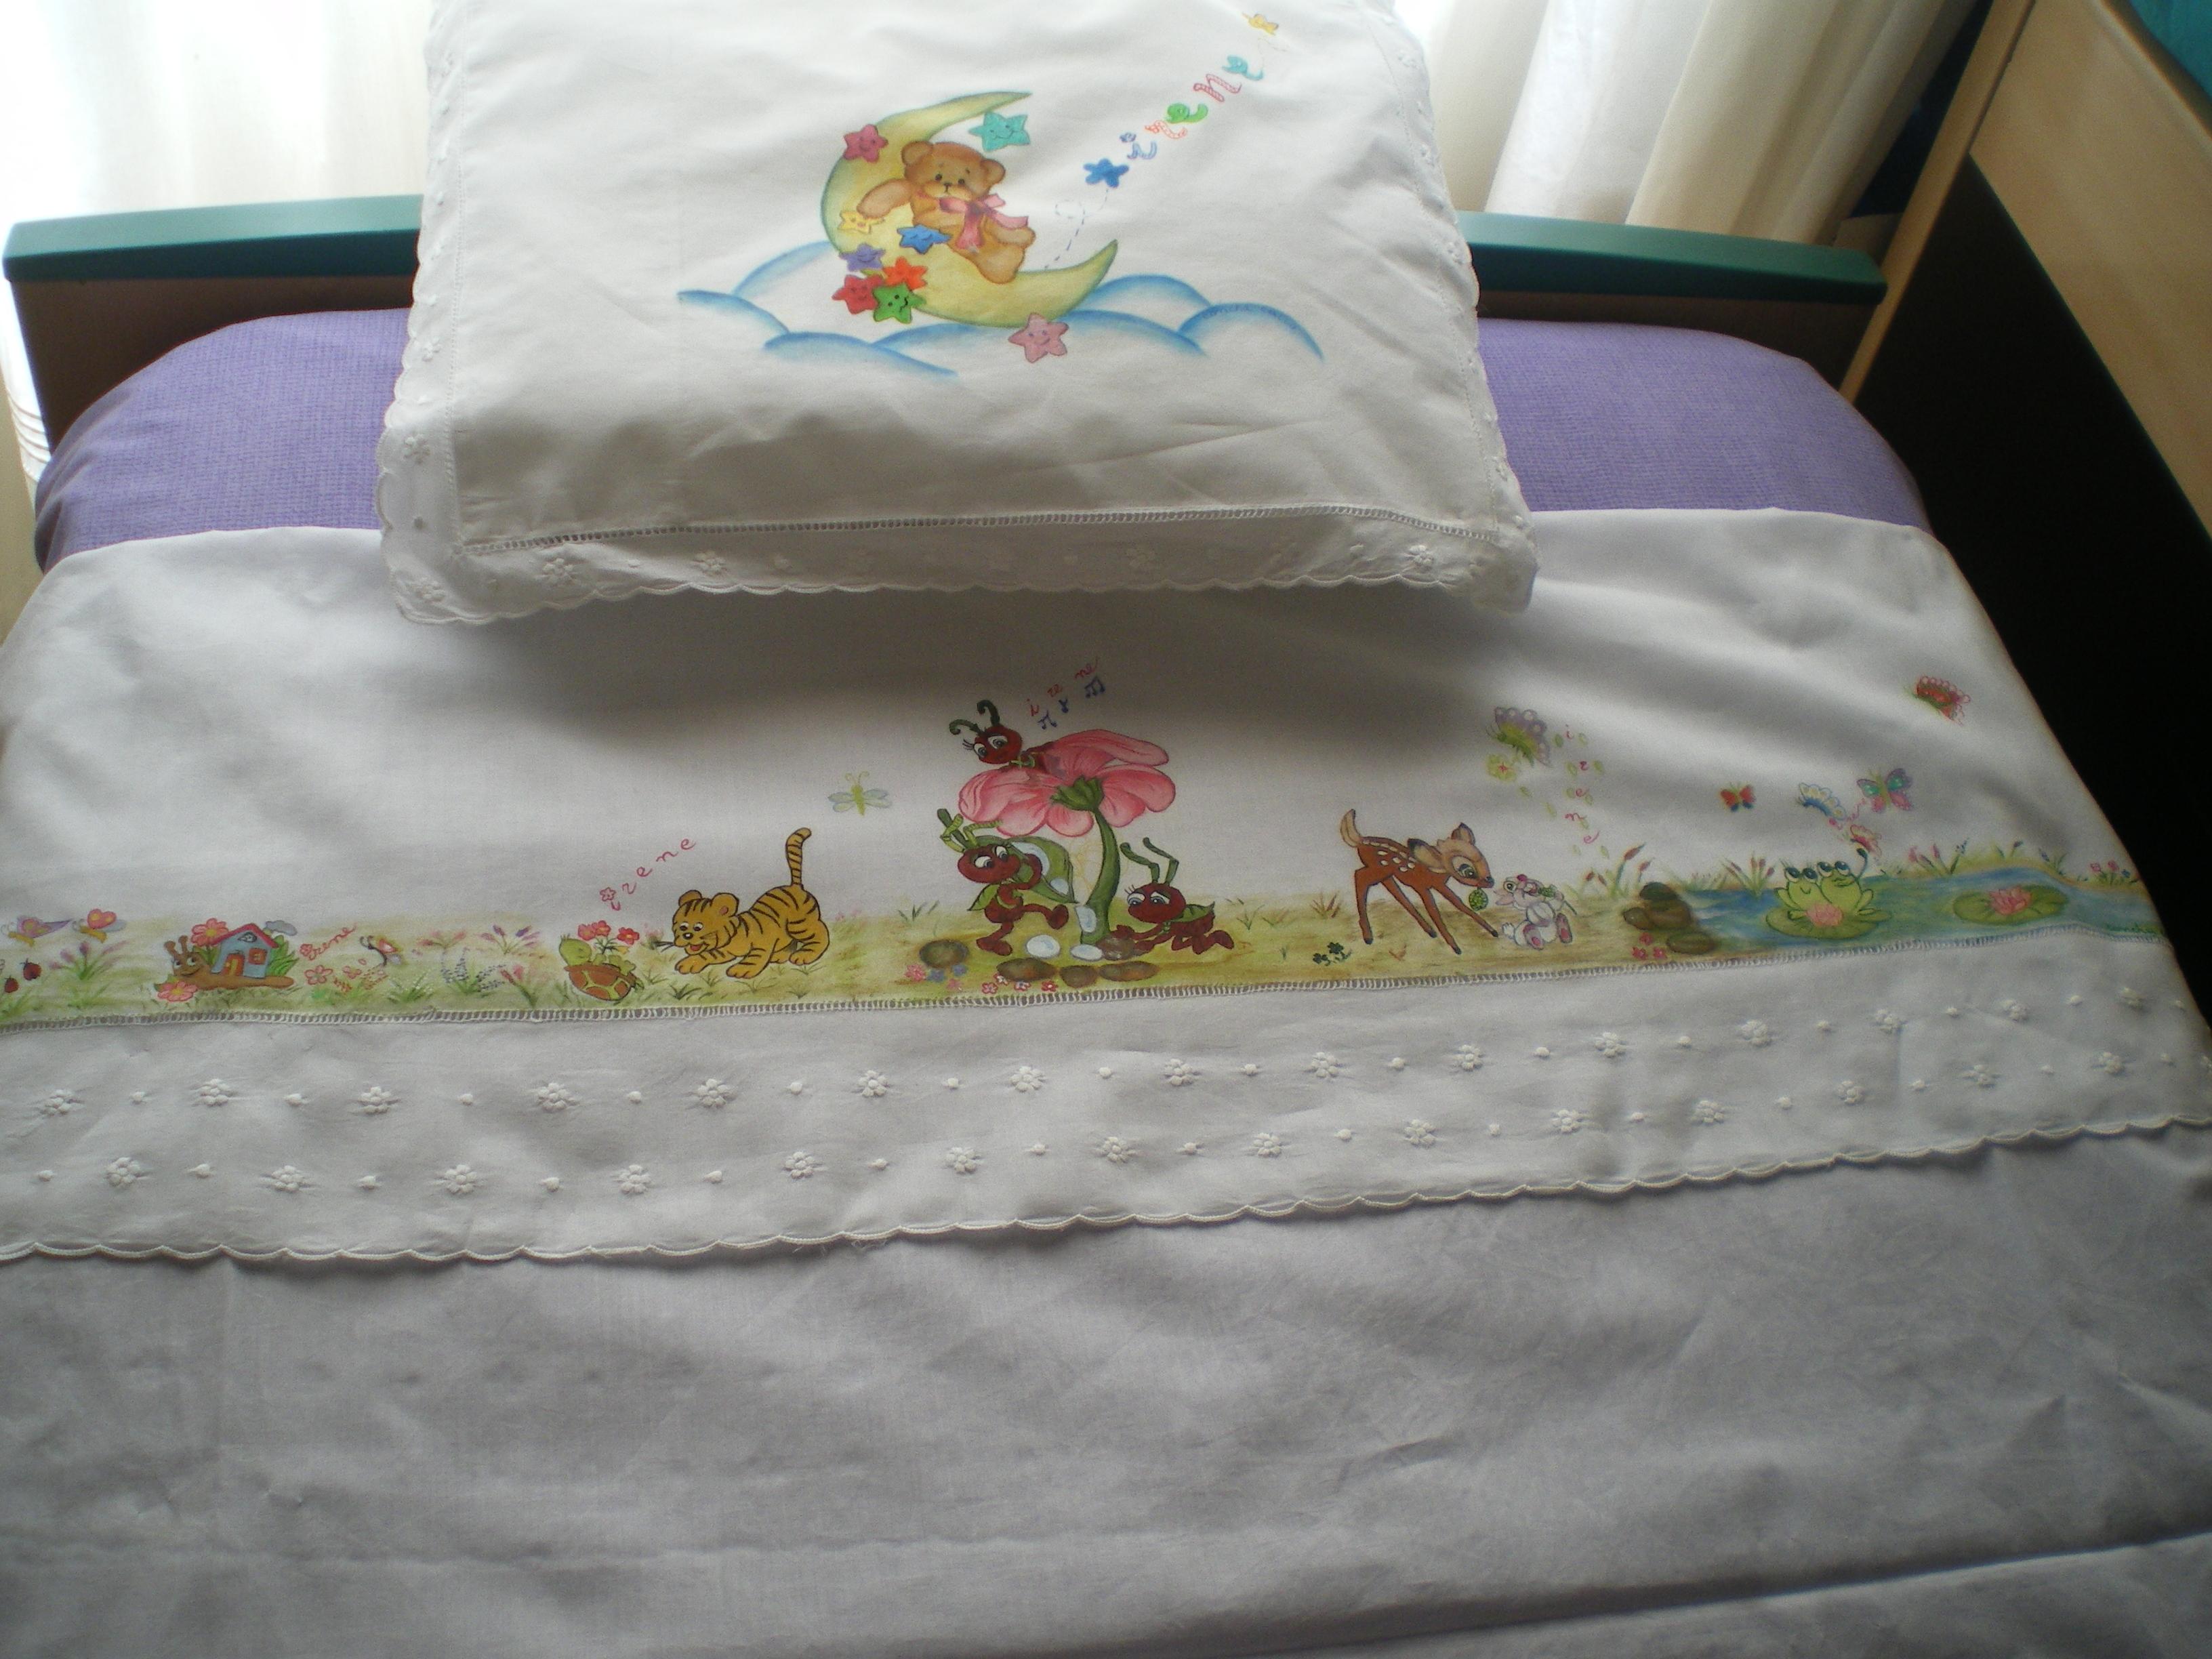 Pintura en tela sabanas de bebe infantiles on pinterest pintura manualidades and carmen - Telas para colchas infantiles ...